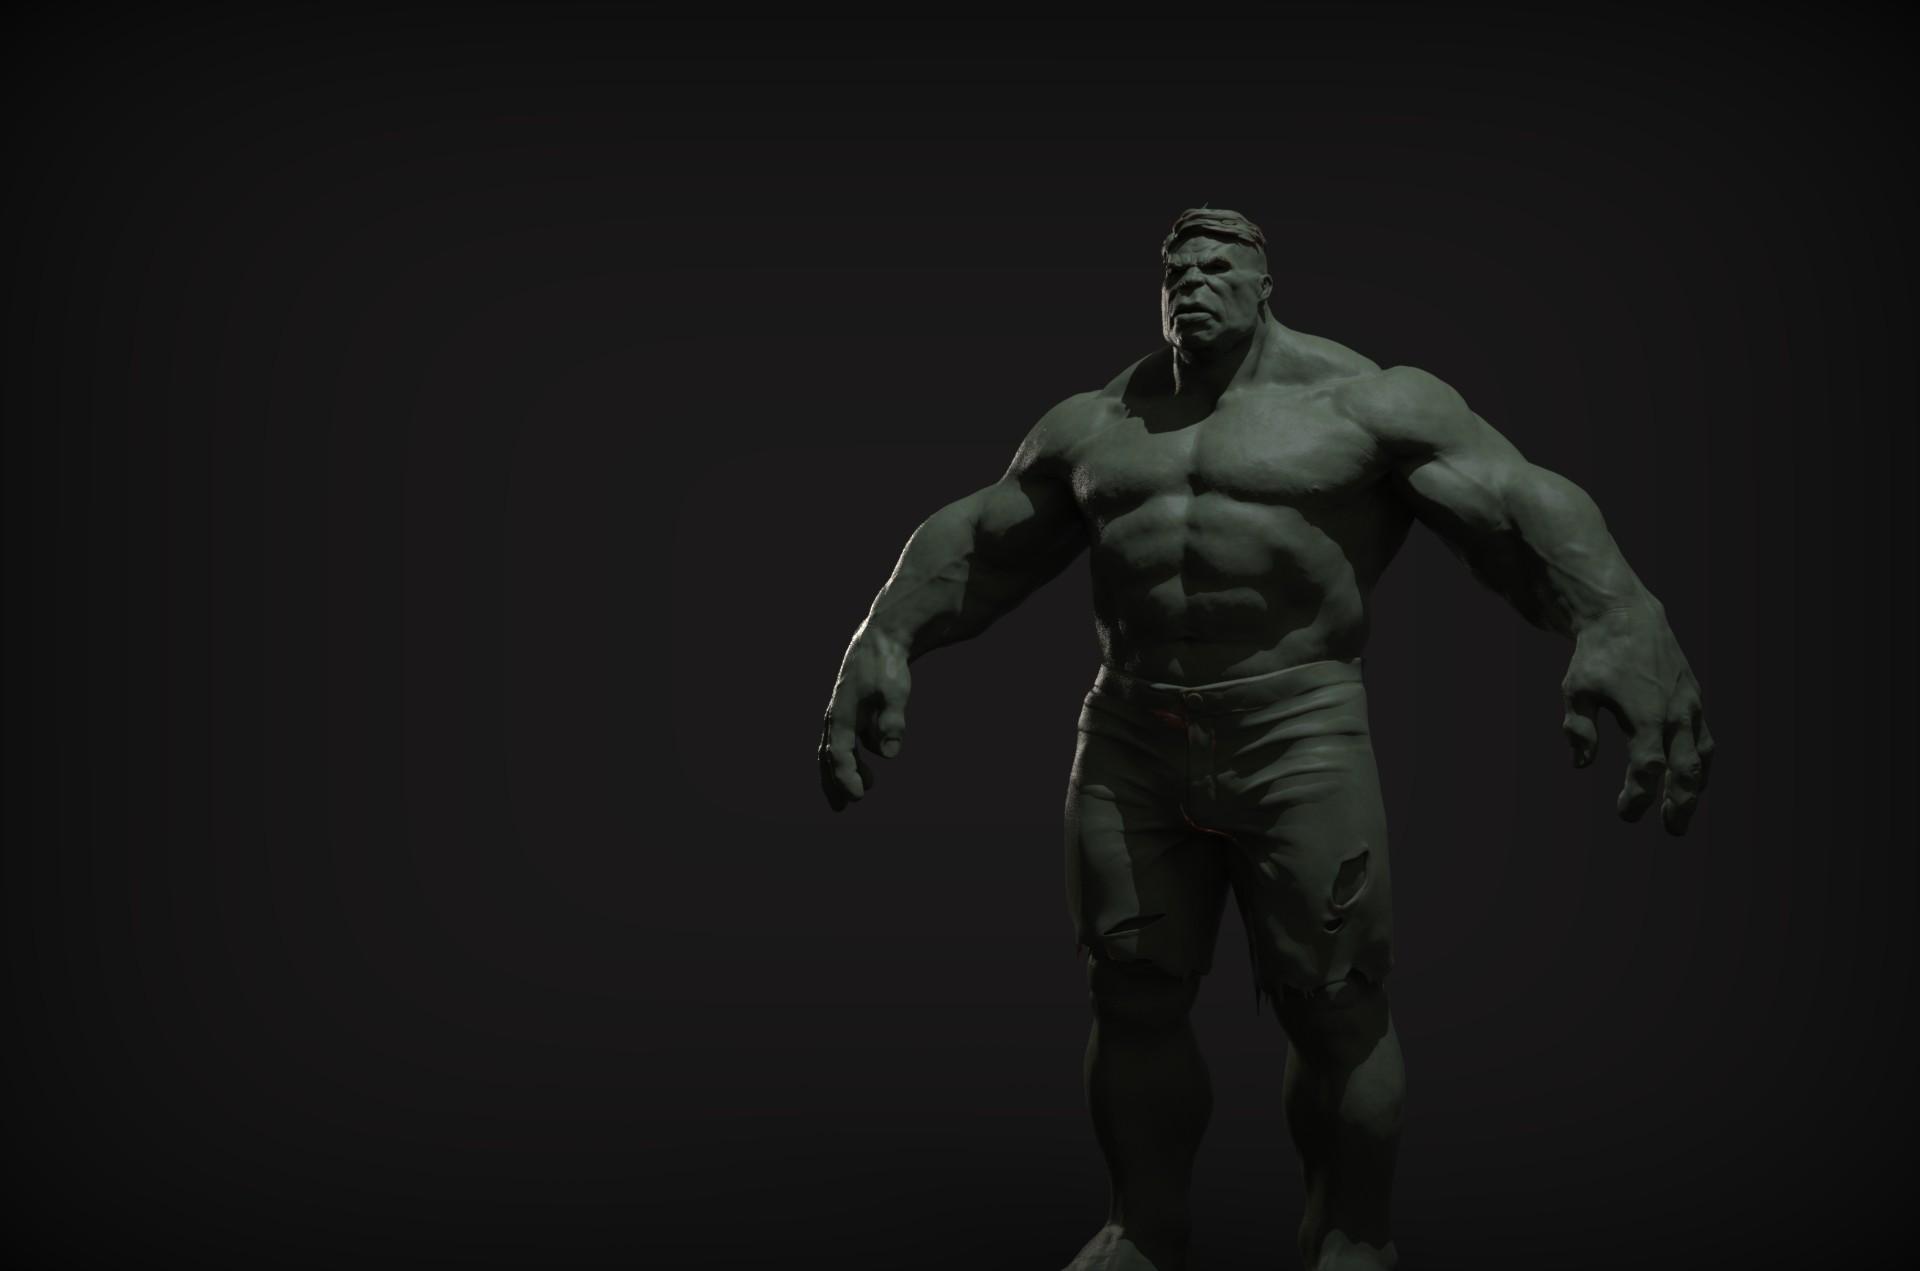 Dan moore hulk render v002 15